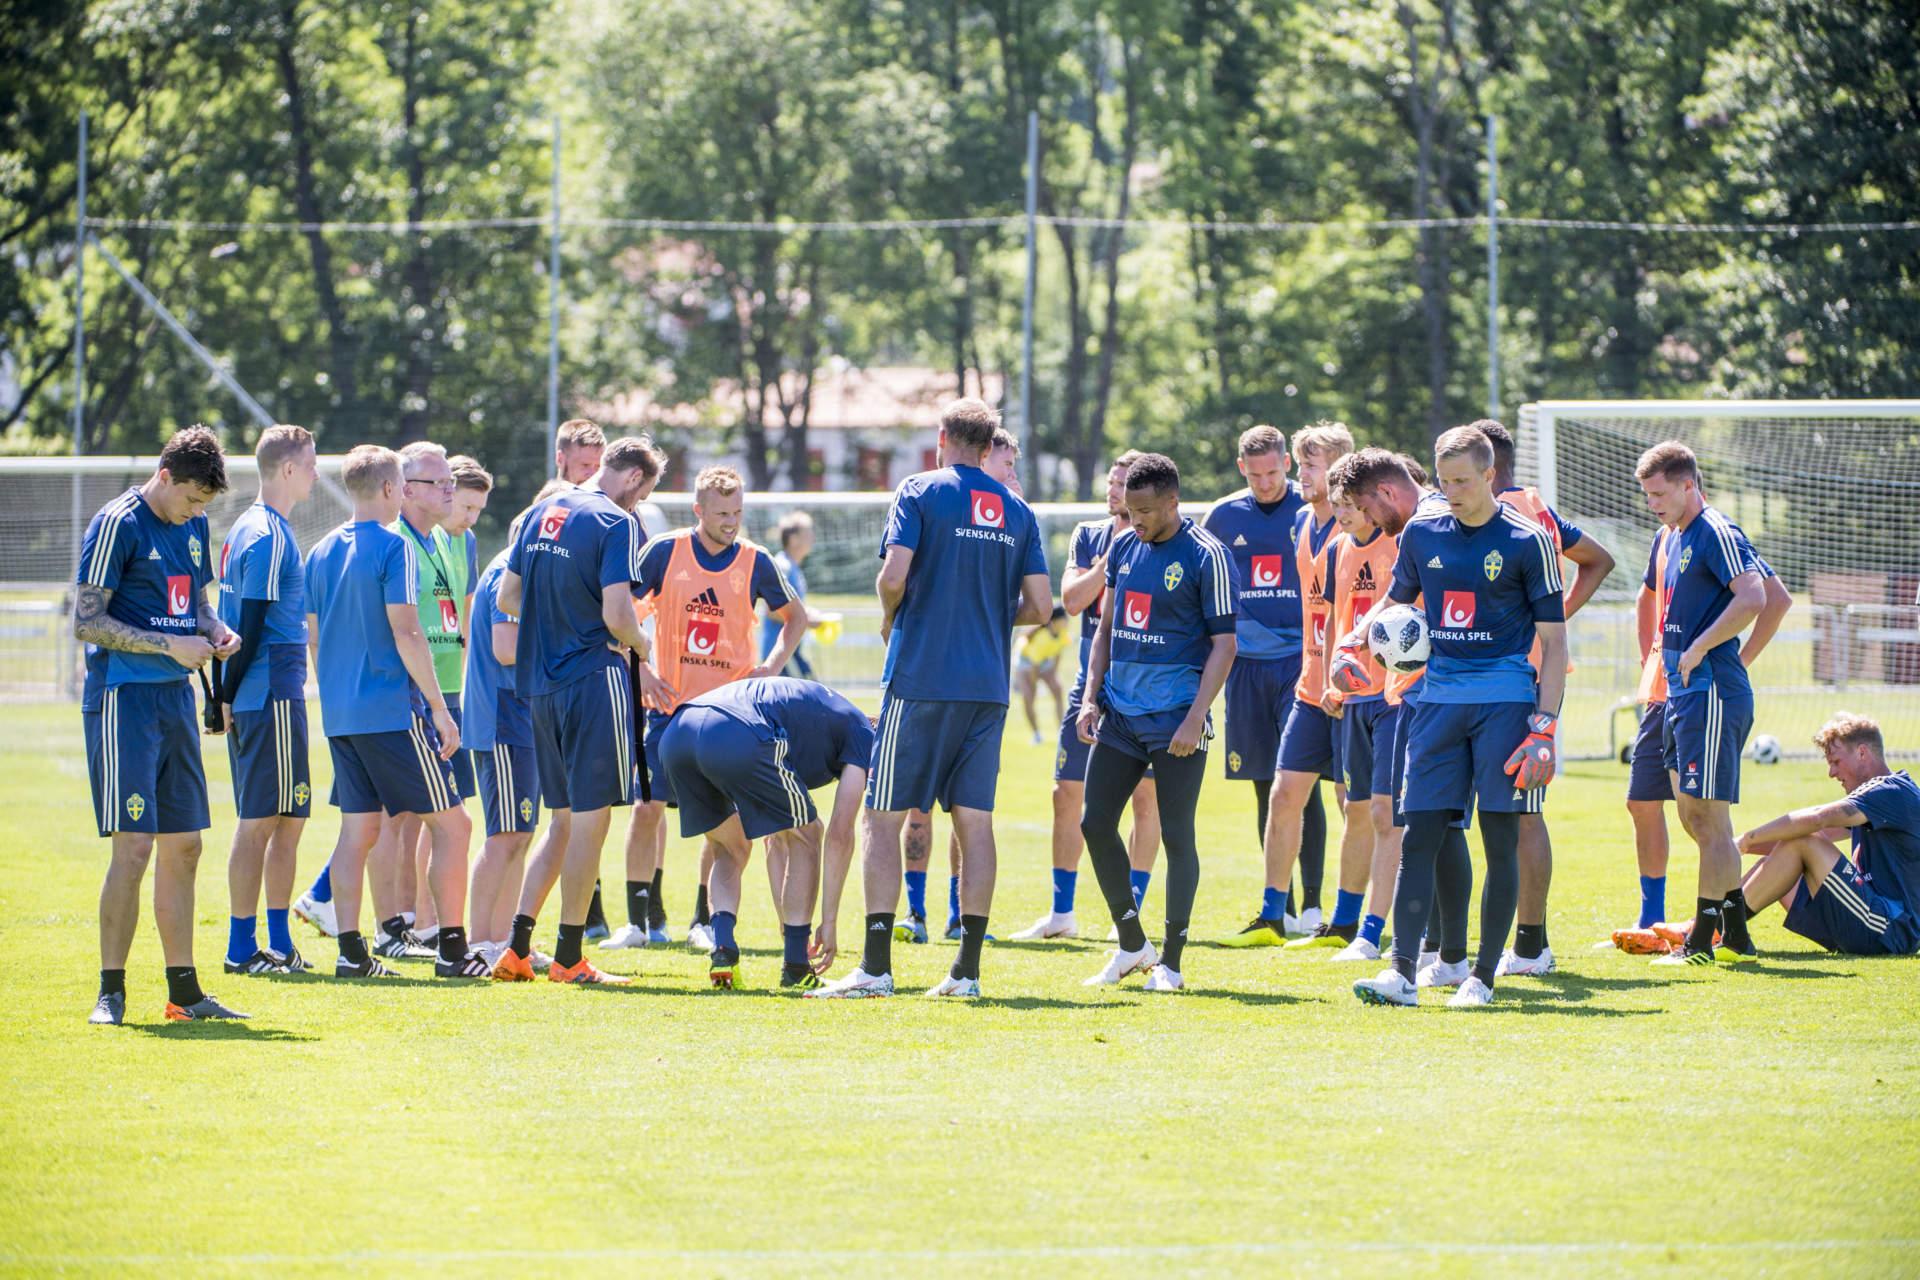 infšr vm 2018 i ryssland. svenska landslaget trŠnar. trŠning action